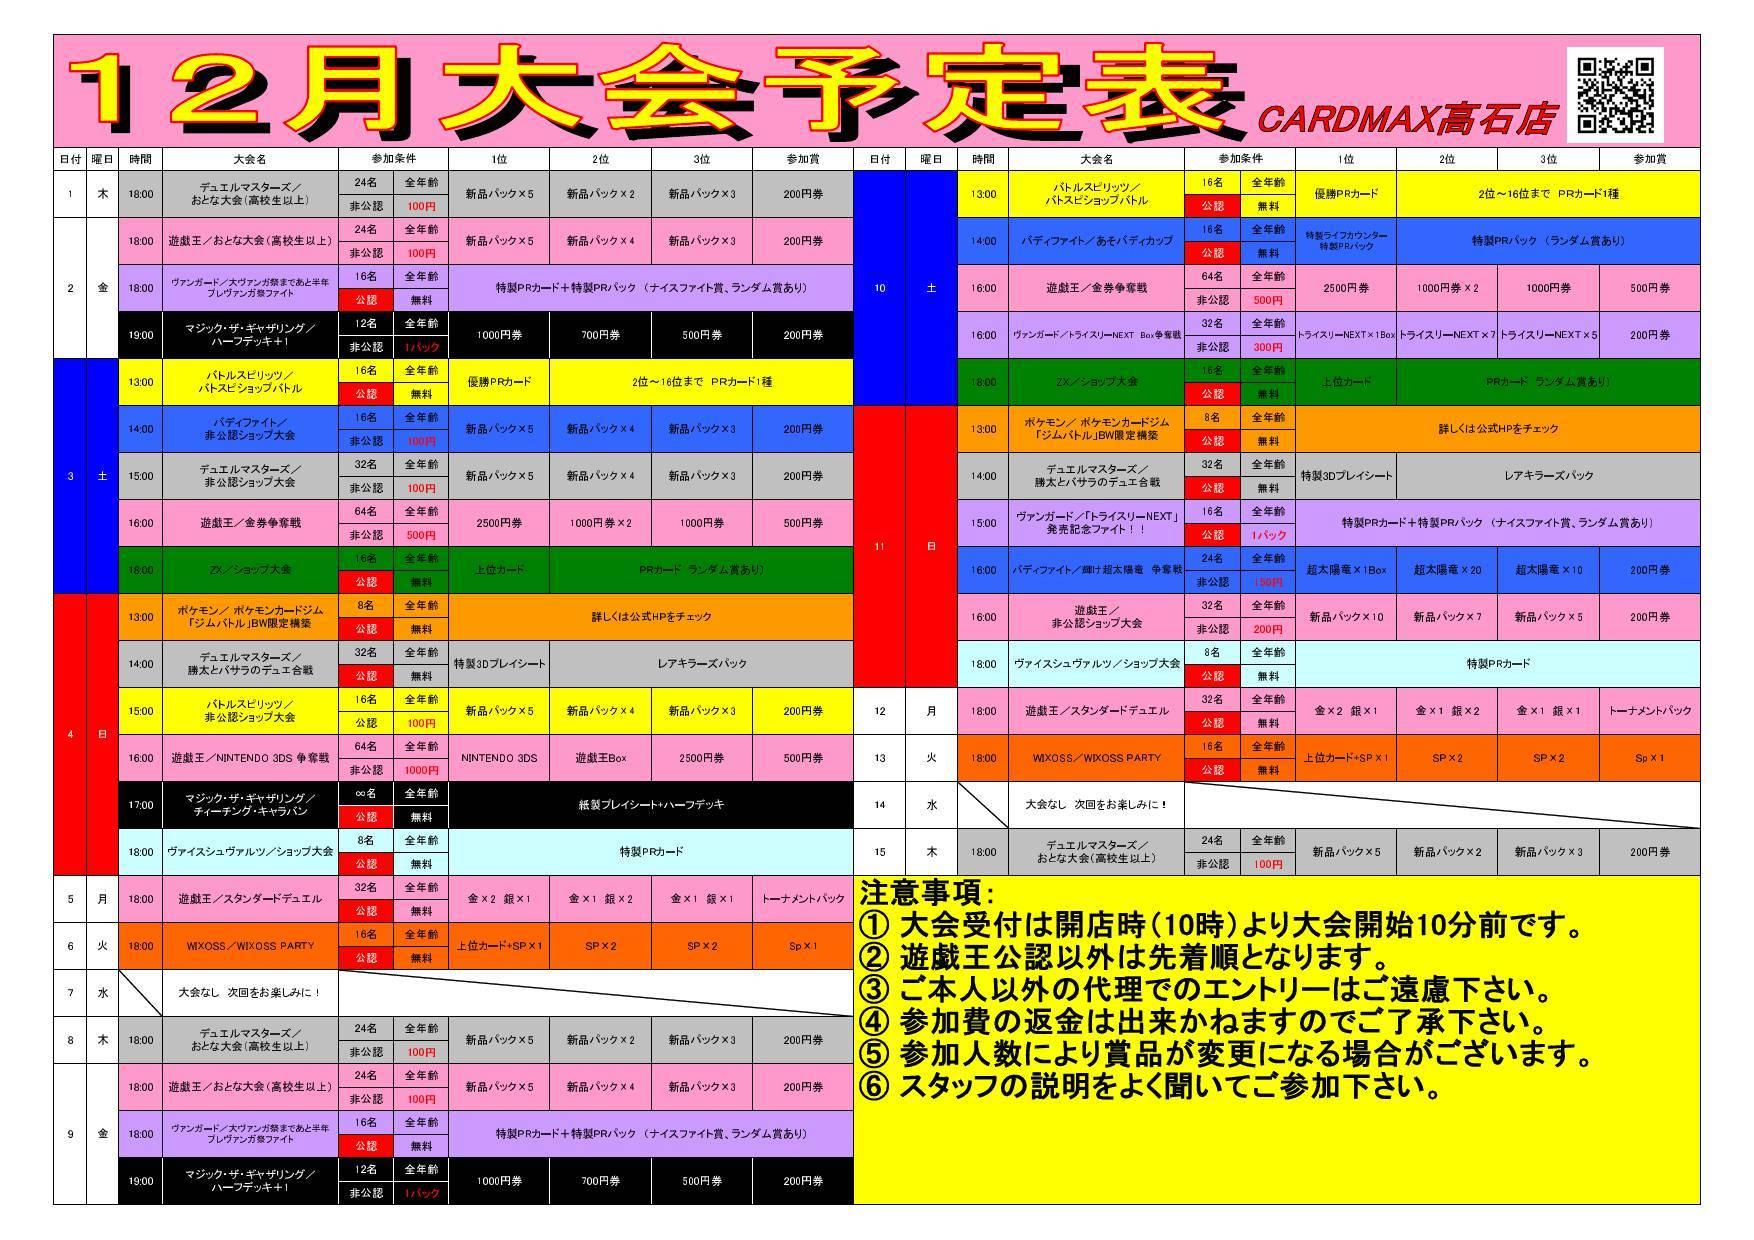 【高石店】12月前半大会情報_d0259027_00173046.jpg